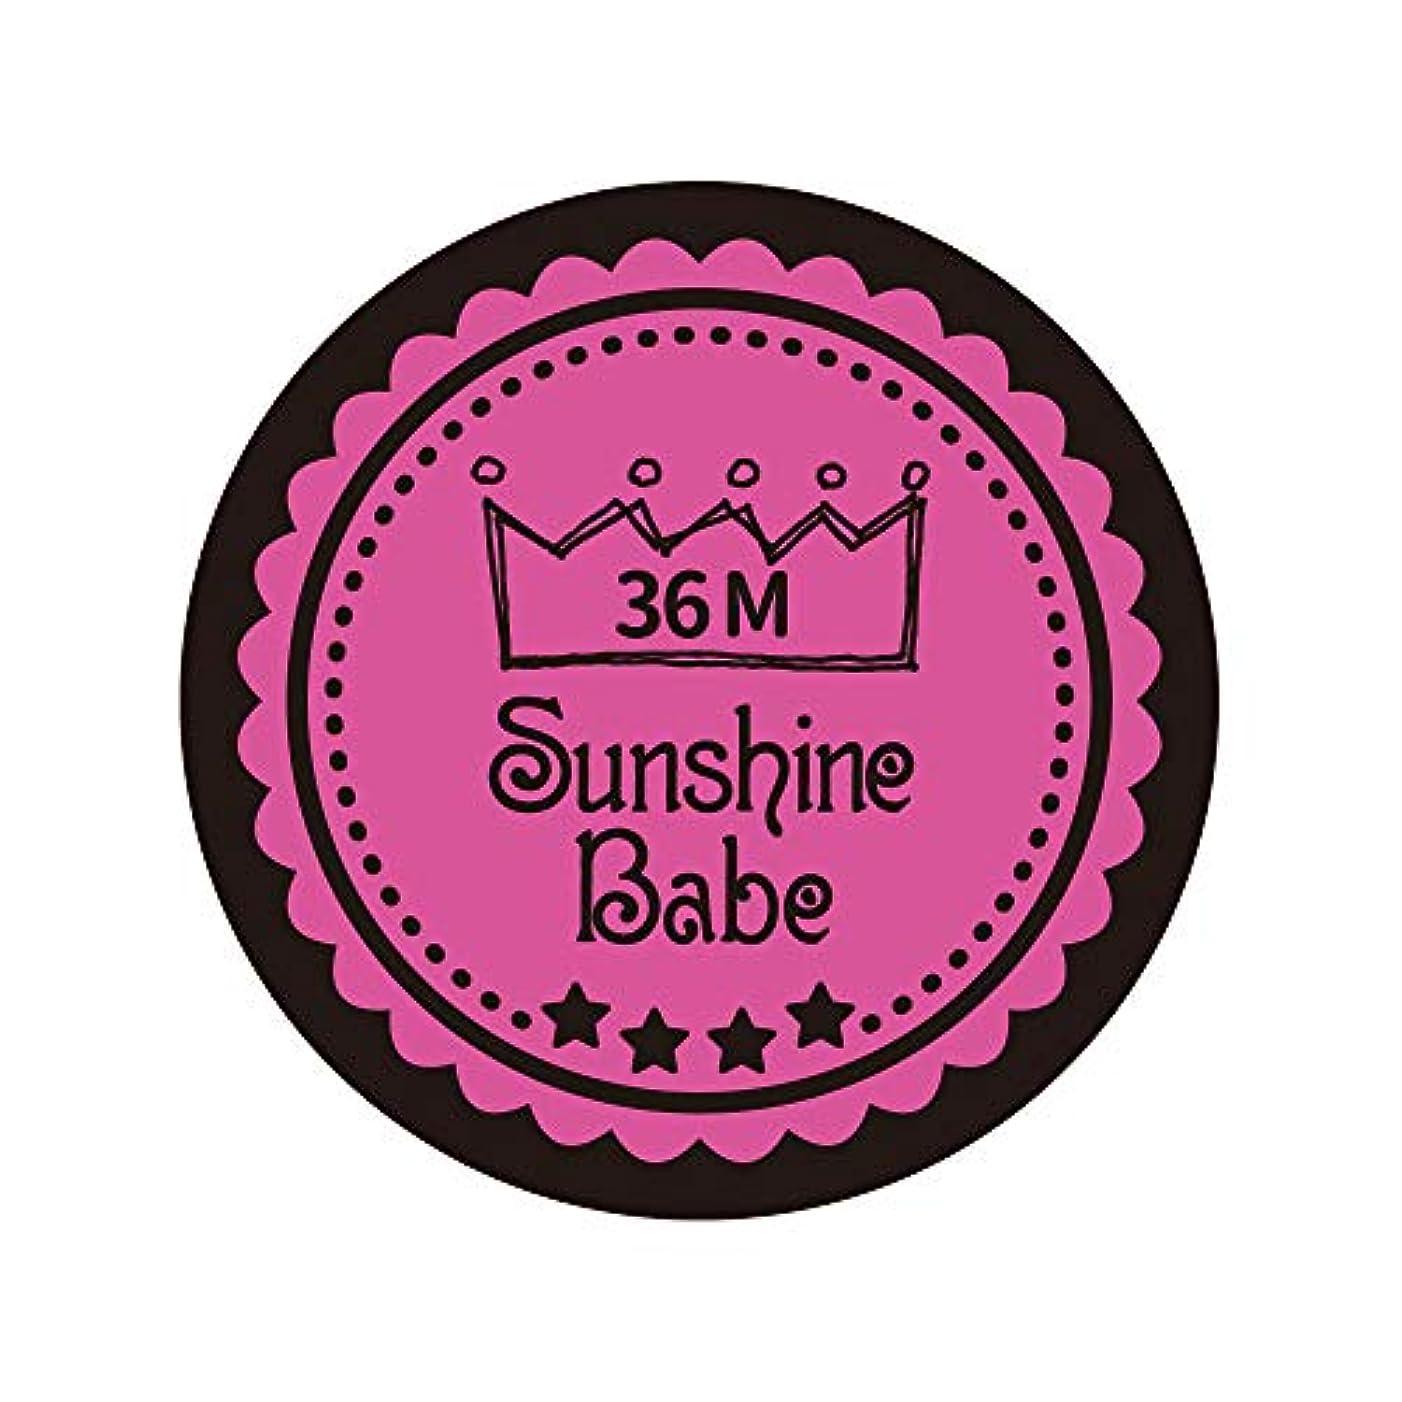 サイクルハブデッキSunshine Babe カラージェル 36M クロッカスピンク 2.7g UV/LED対応